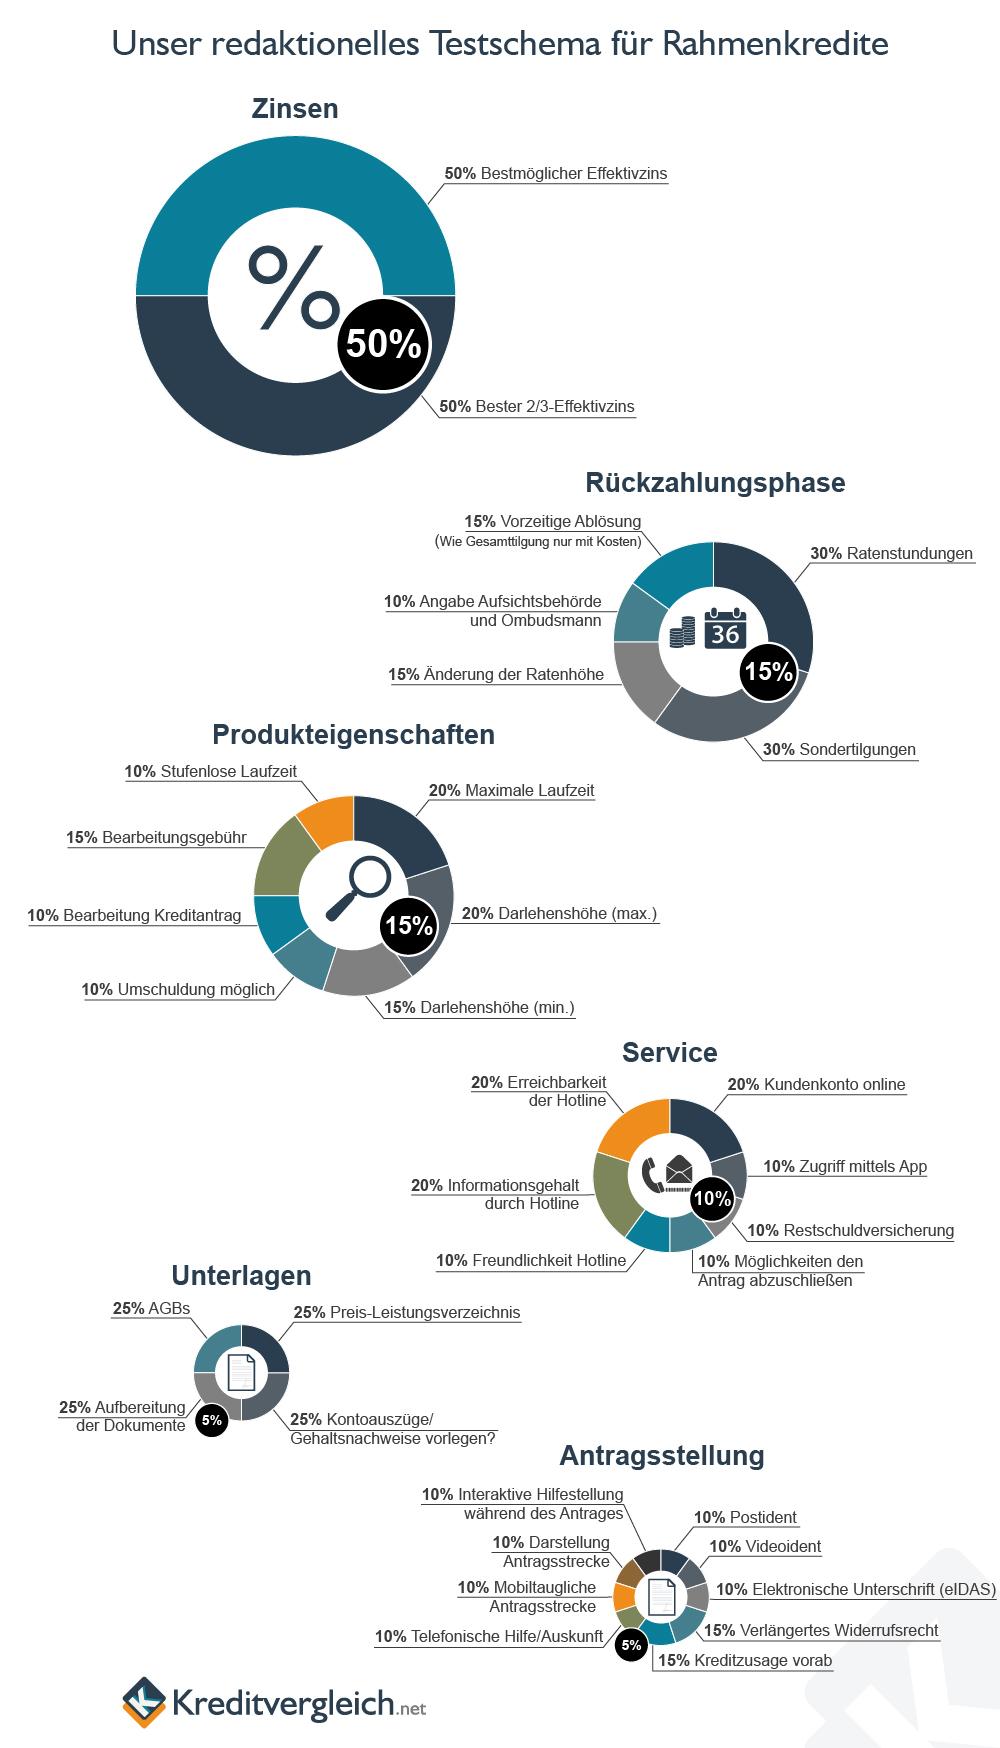 Eine Infografik mit Kreisdiagrammen über unser redaktionelles Testschema für Rahmenkredite